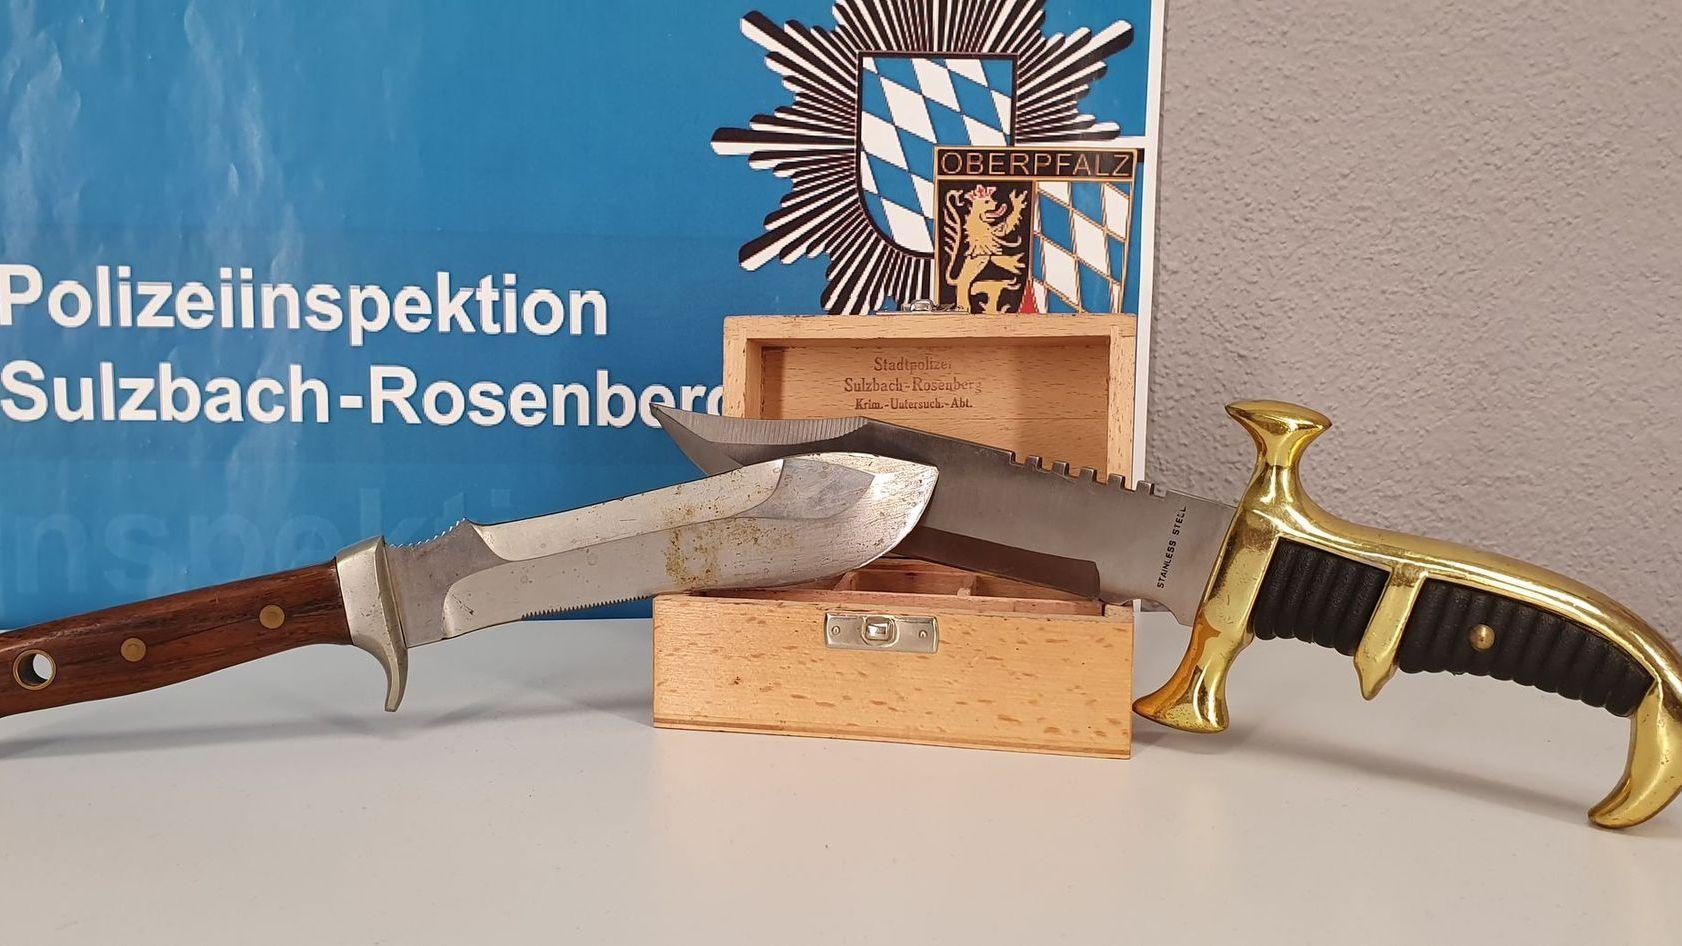 Die Polizei fand diese Messer bei dem Mann